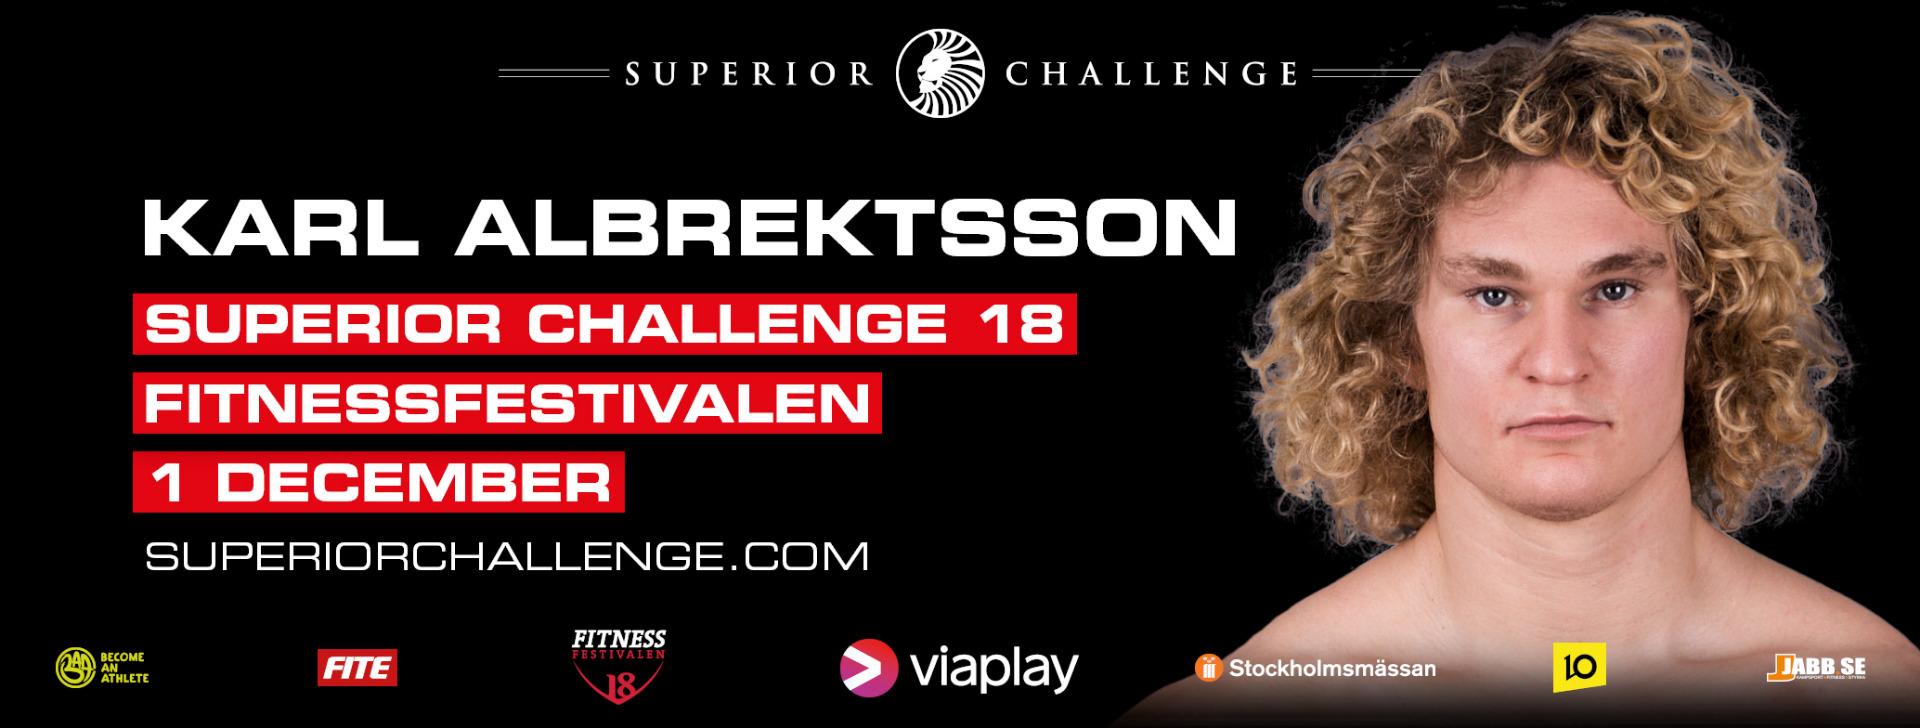 Karl Albrektsson Superior Challenge 18 Fitnessfestivalen